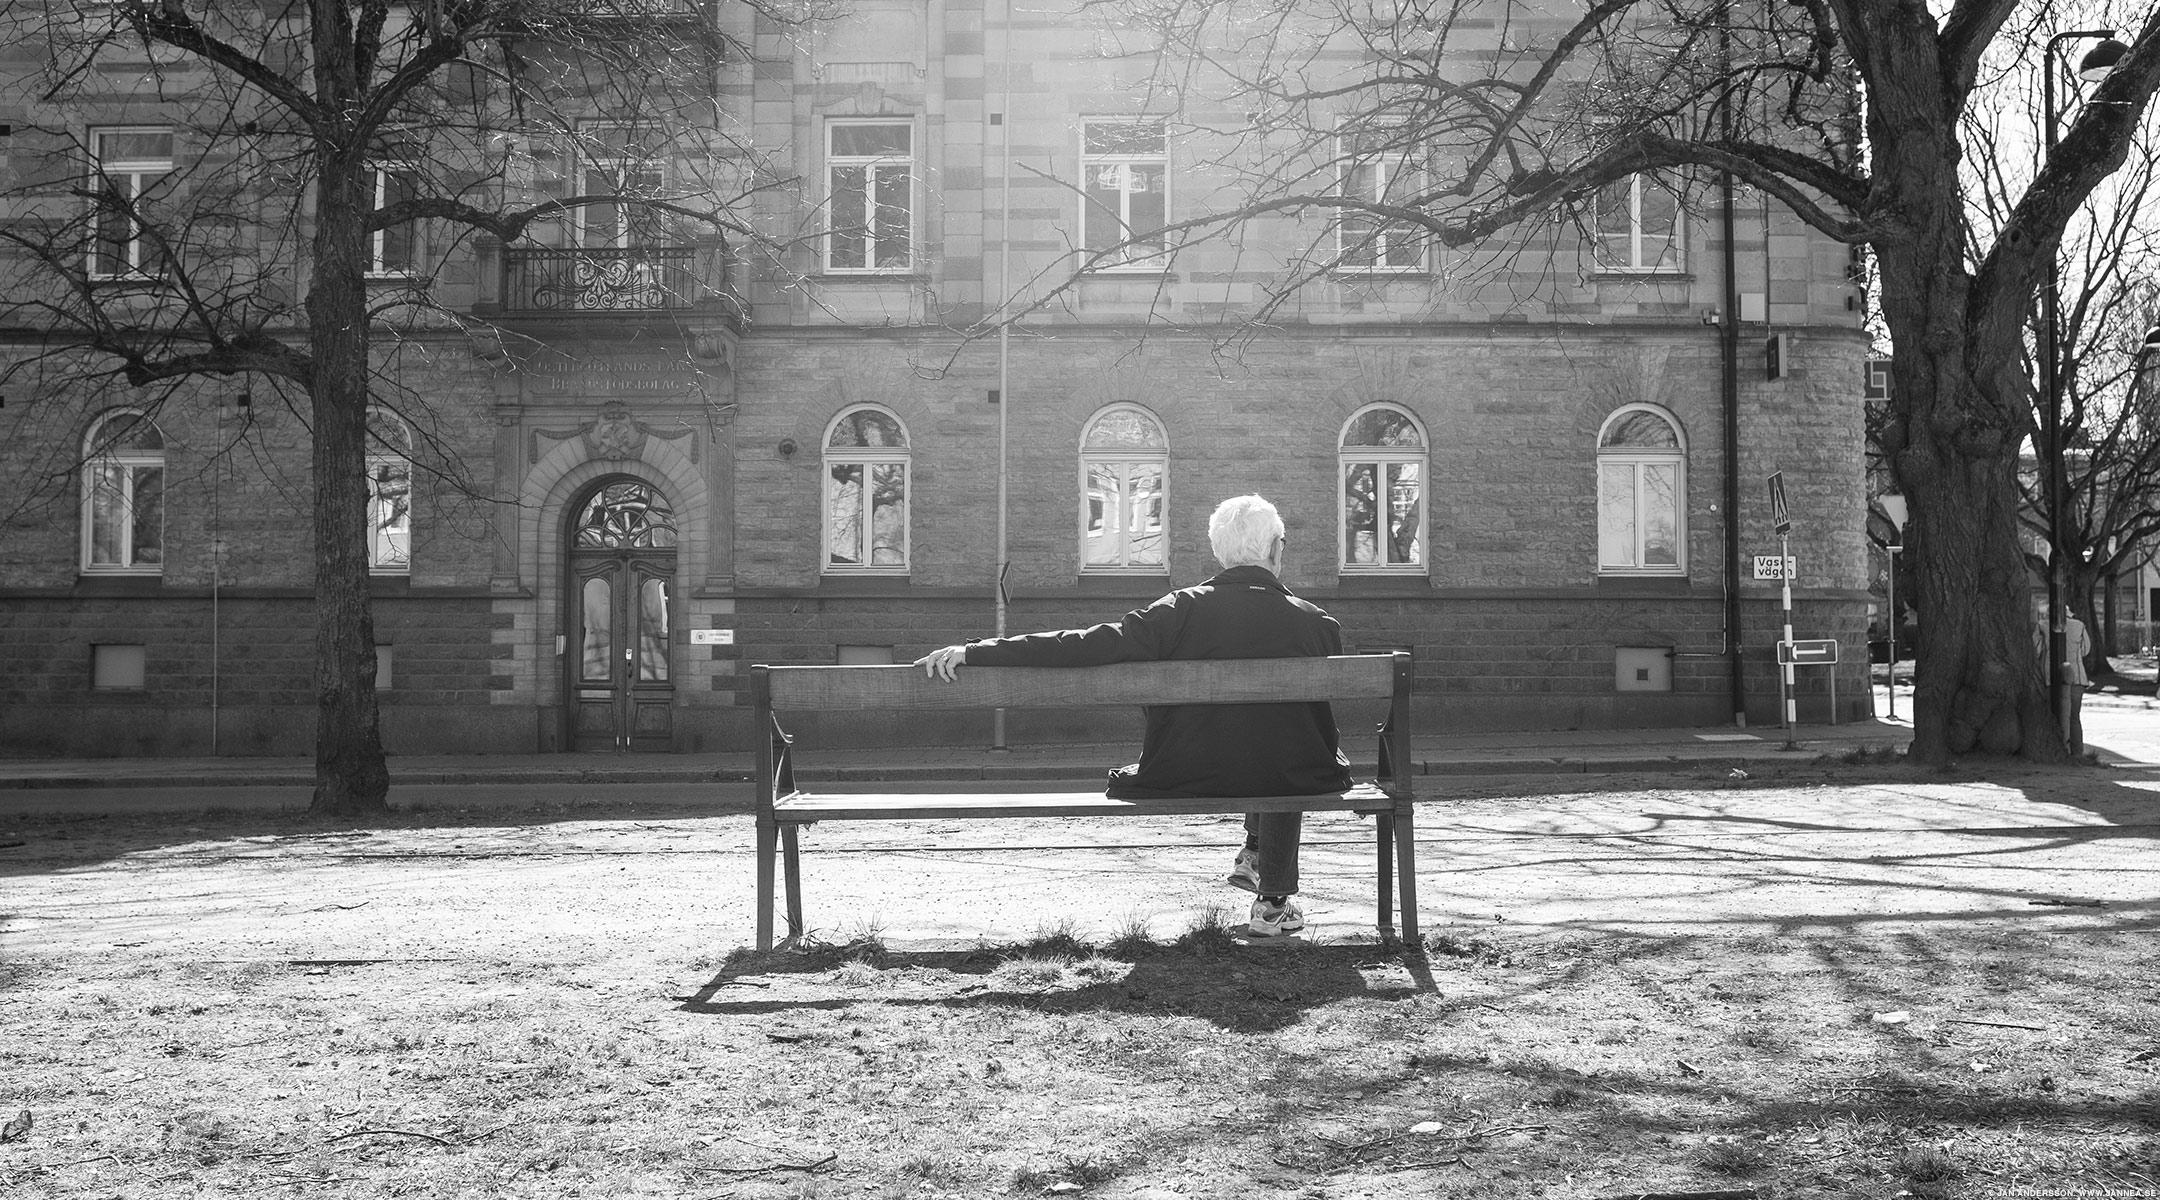 En gubbe på en bänk i solen |© Jan Andersson